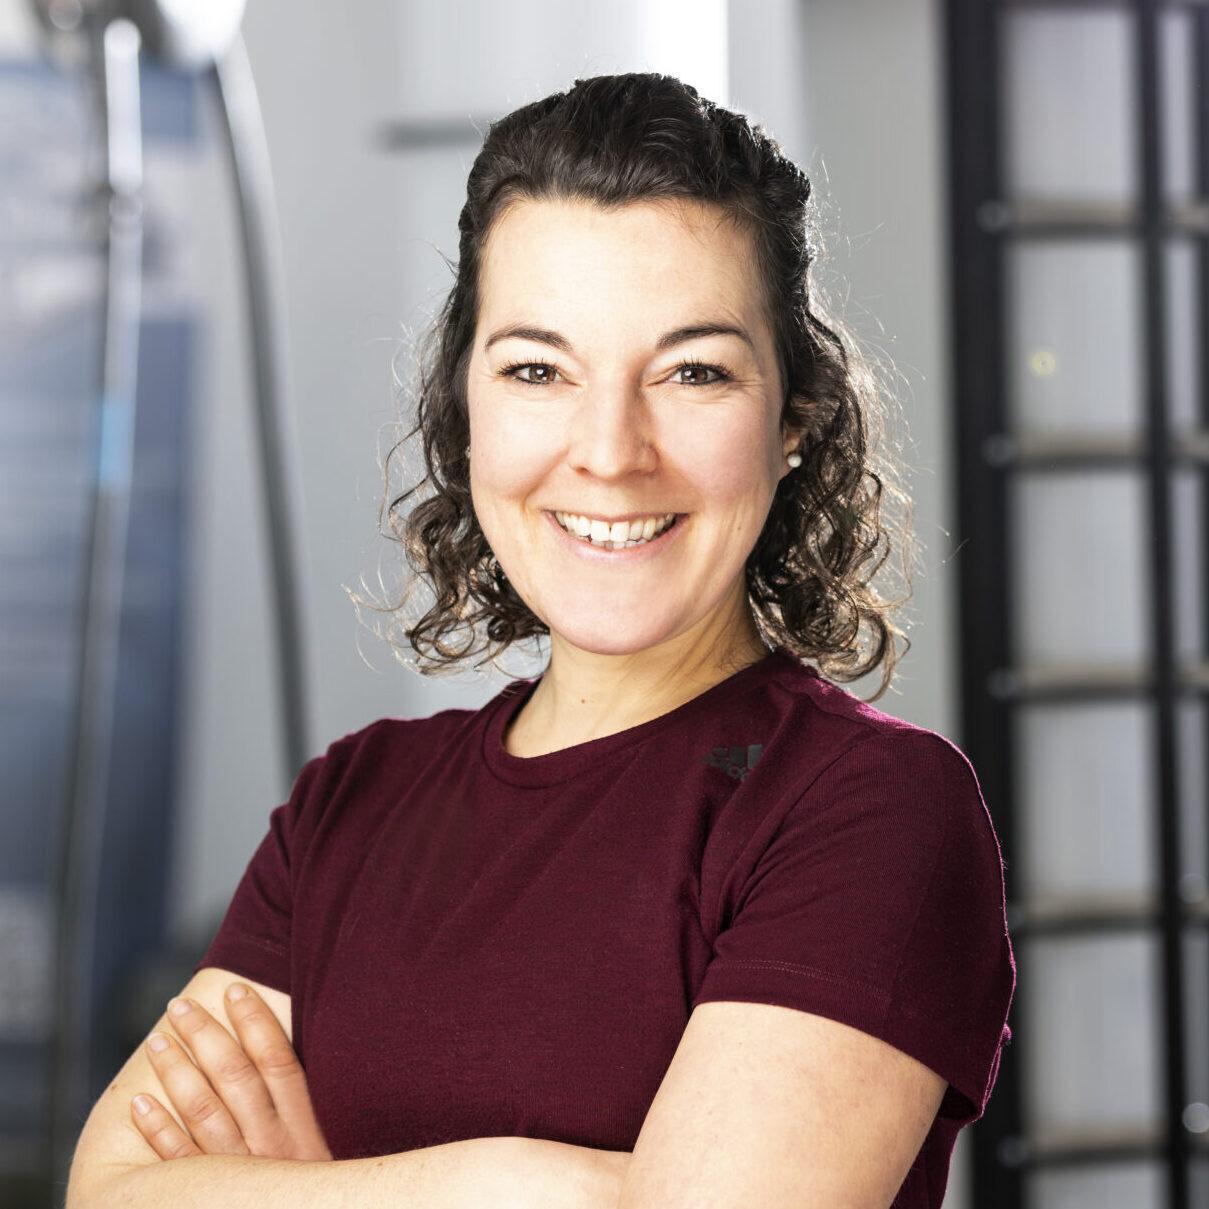 Linda Bürki